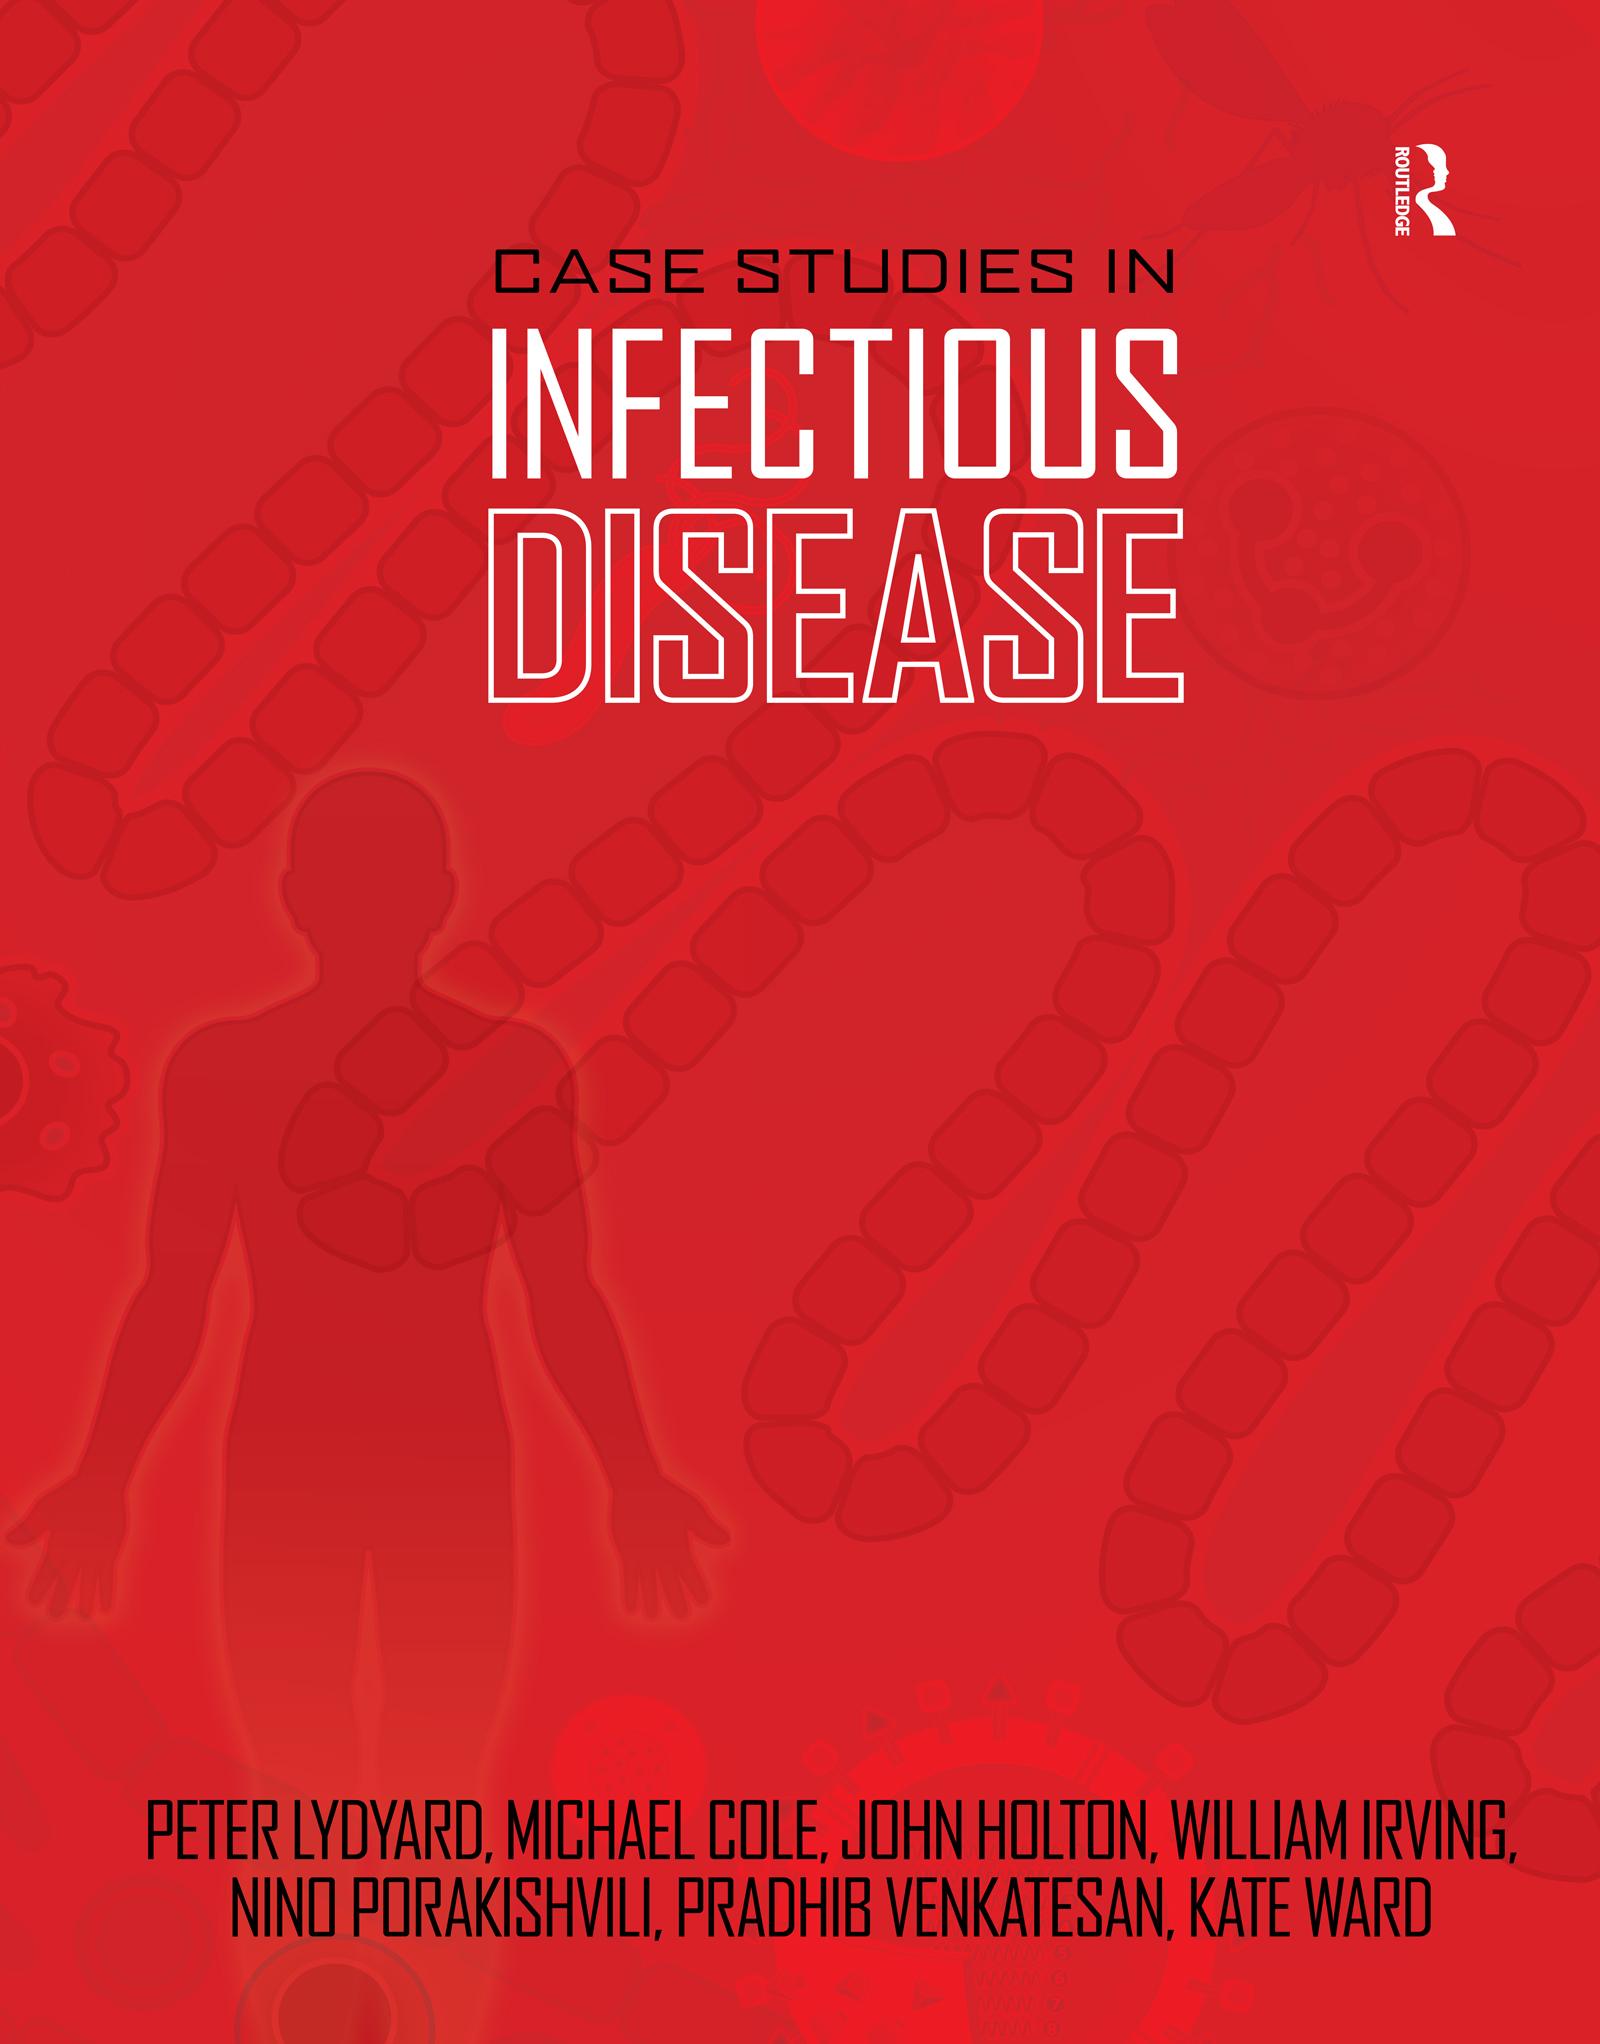 Coxsackie B virus